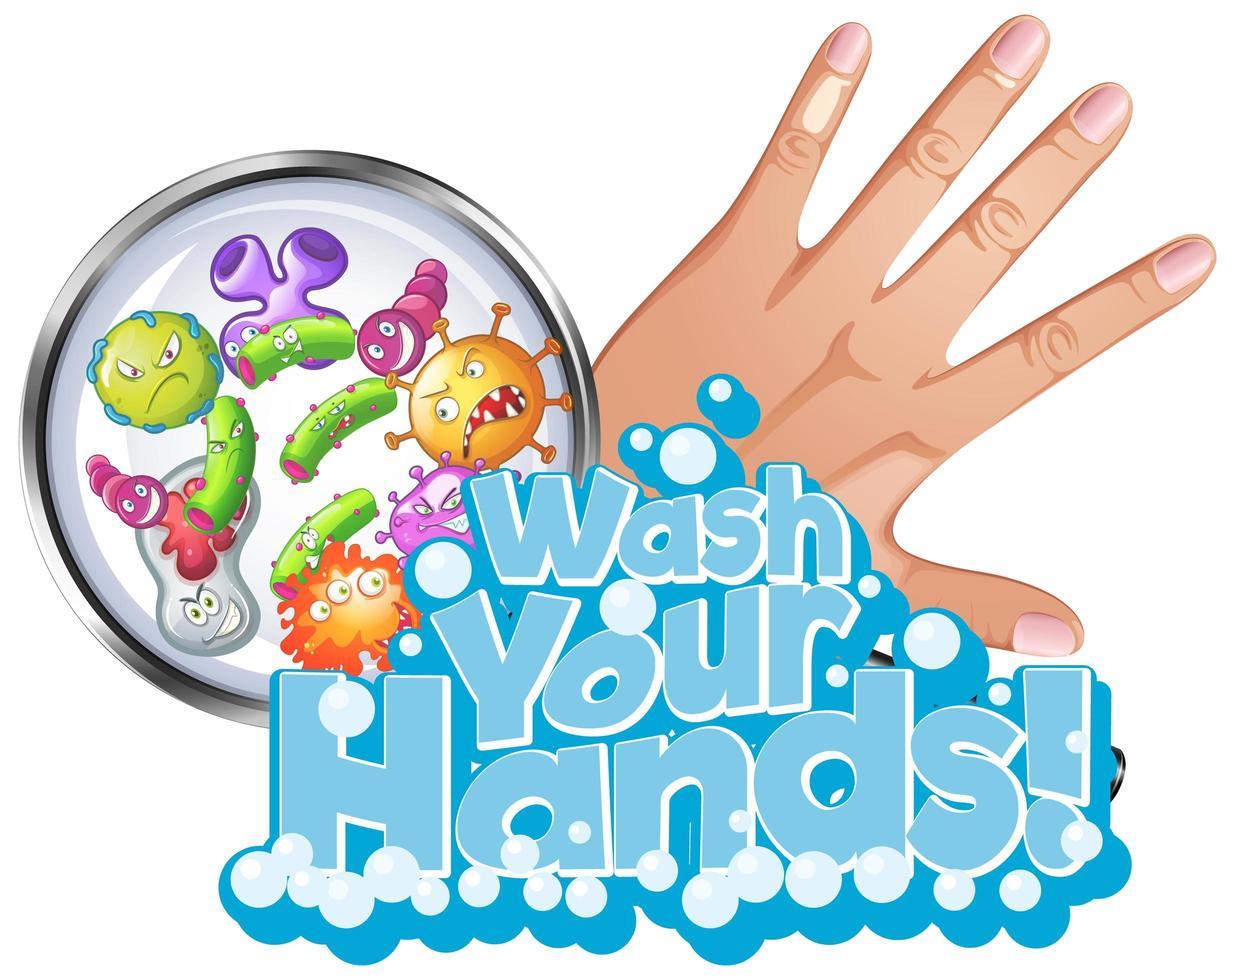 lave o design do seu tipo de mão vetor